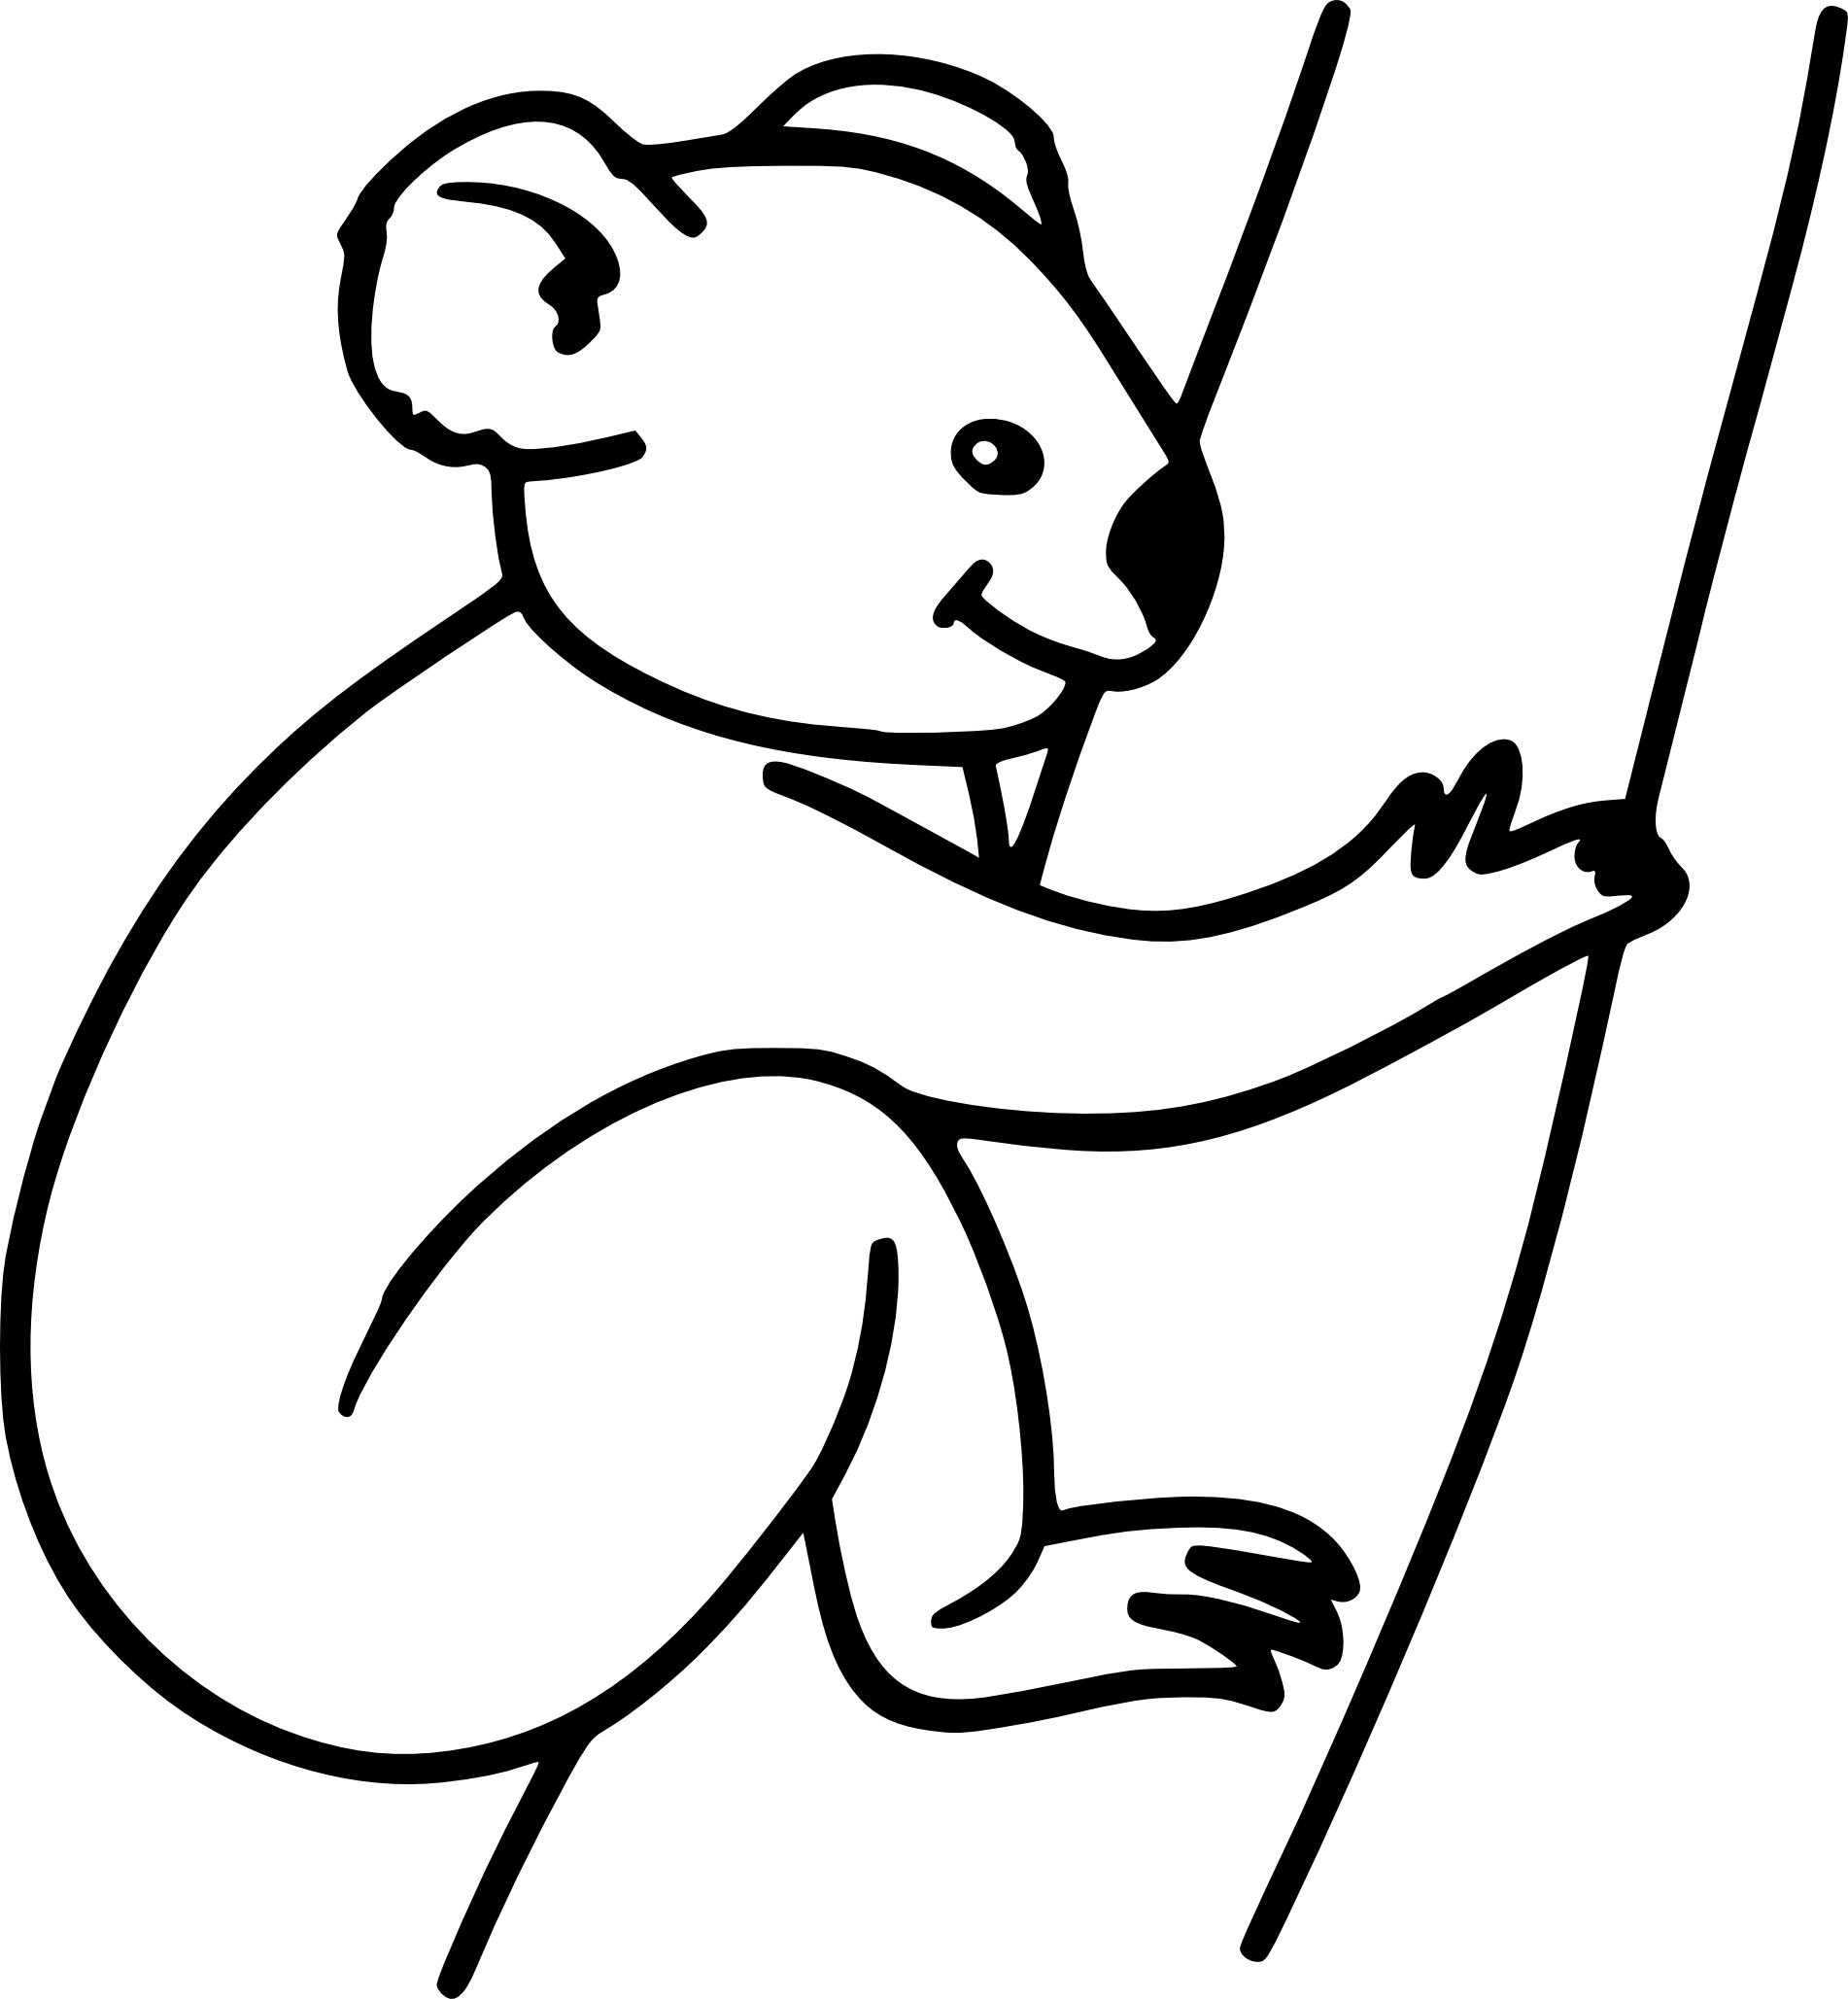 Coloriage Gratuit Koala.Coloriage Koala Sur Un Arbre A Imprimer Et Colorier